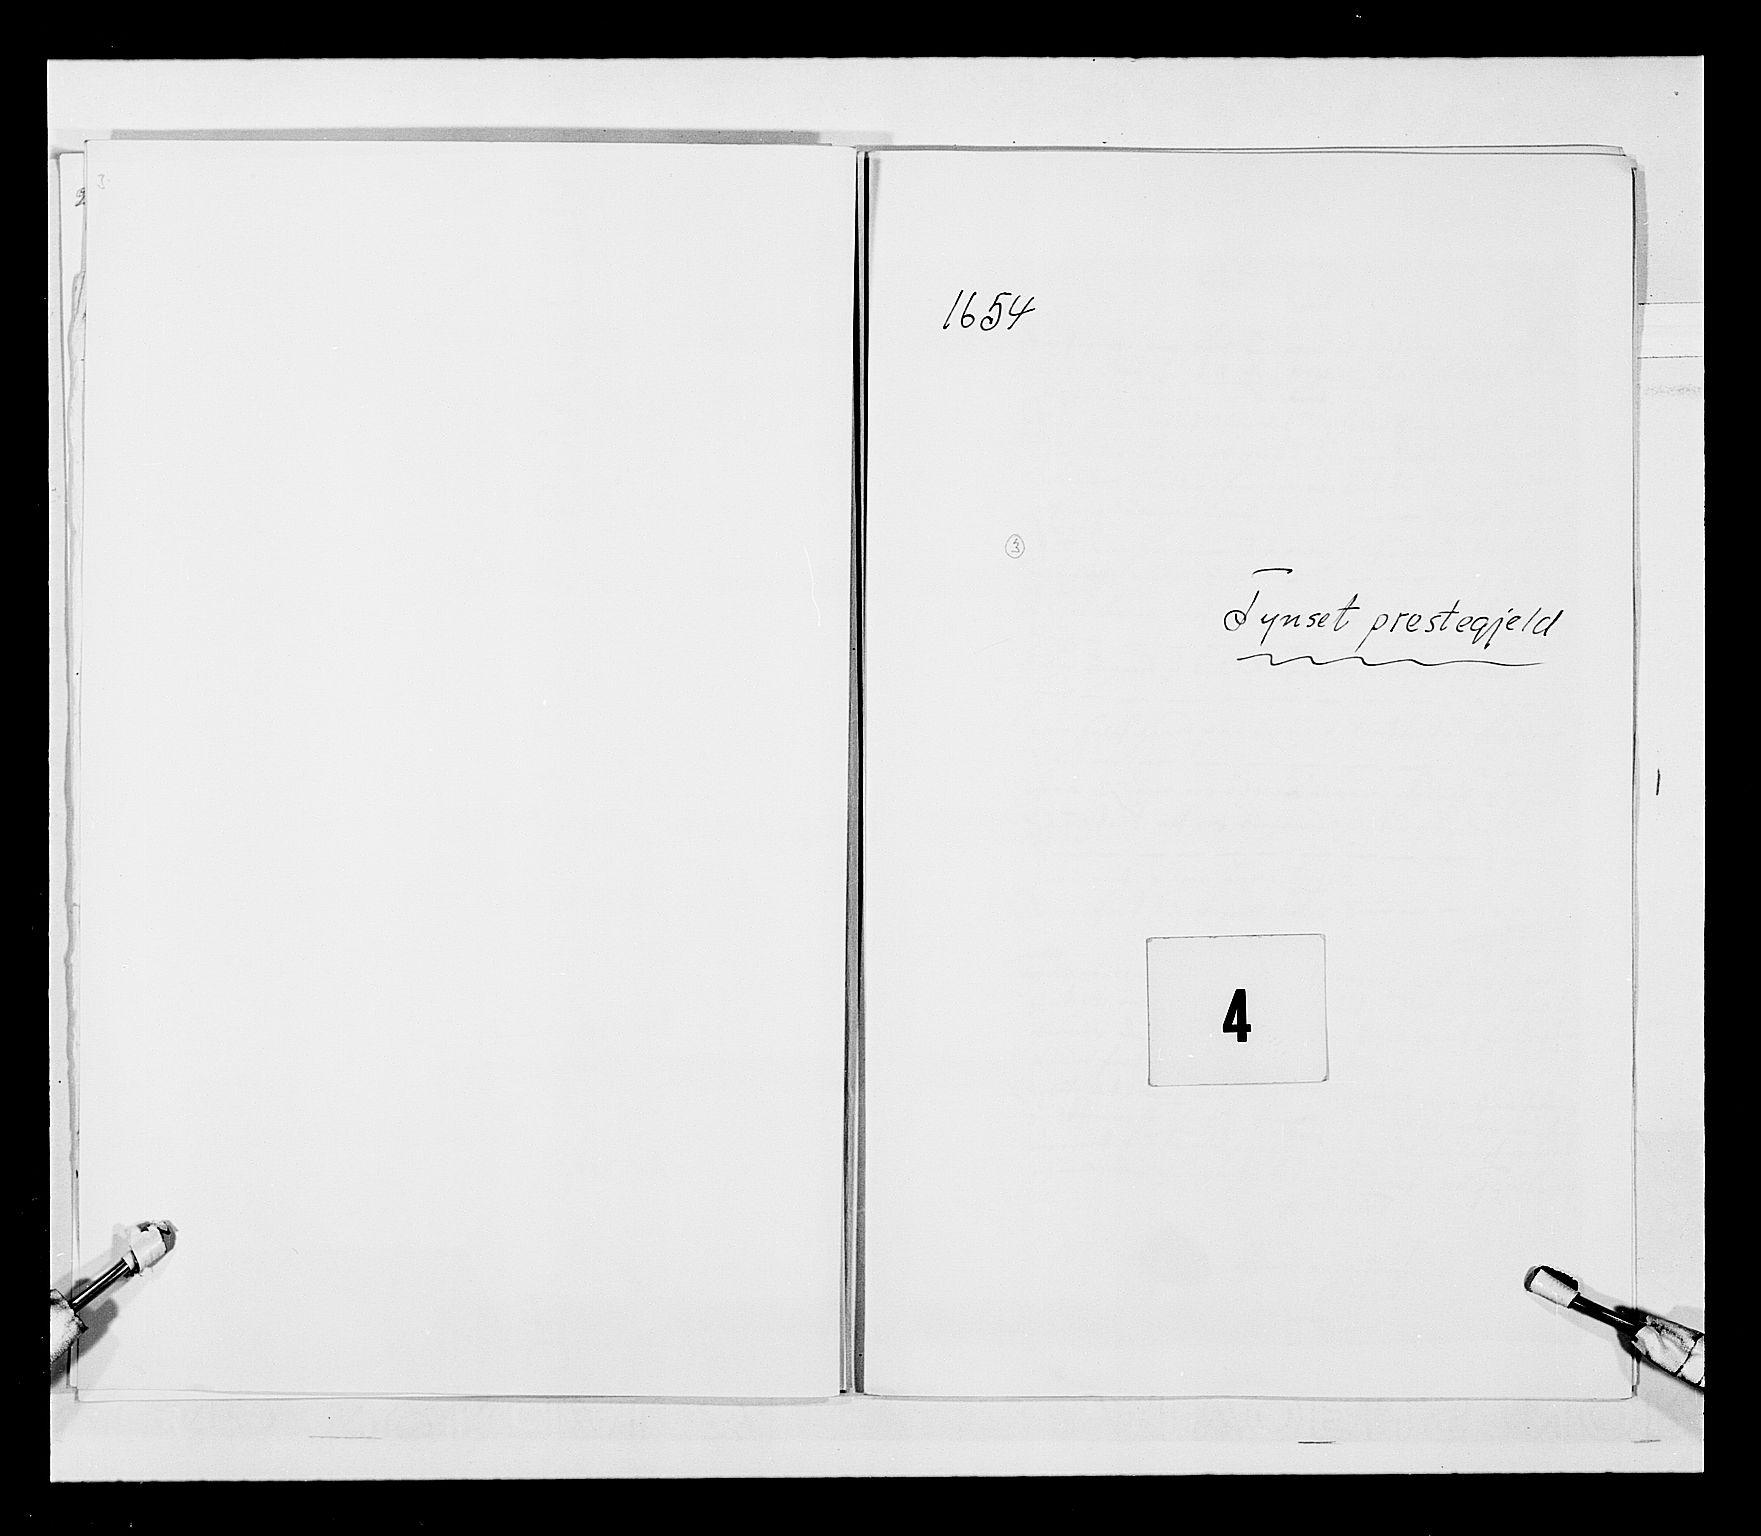 RA, Stattholderembetet 1572-1771, Ek/L0030: Jordebøker 1633-1658:, 1654, s. 9